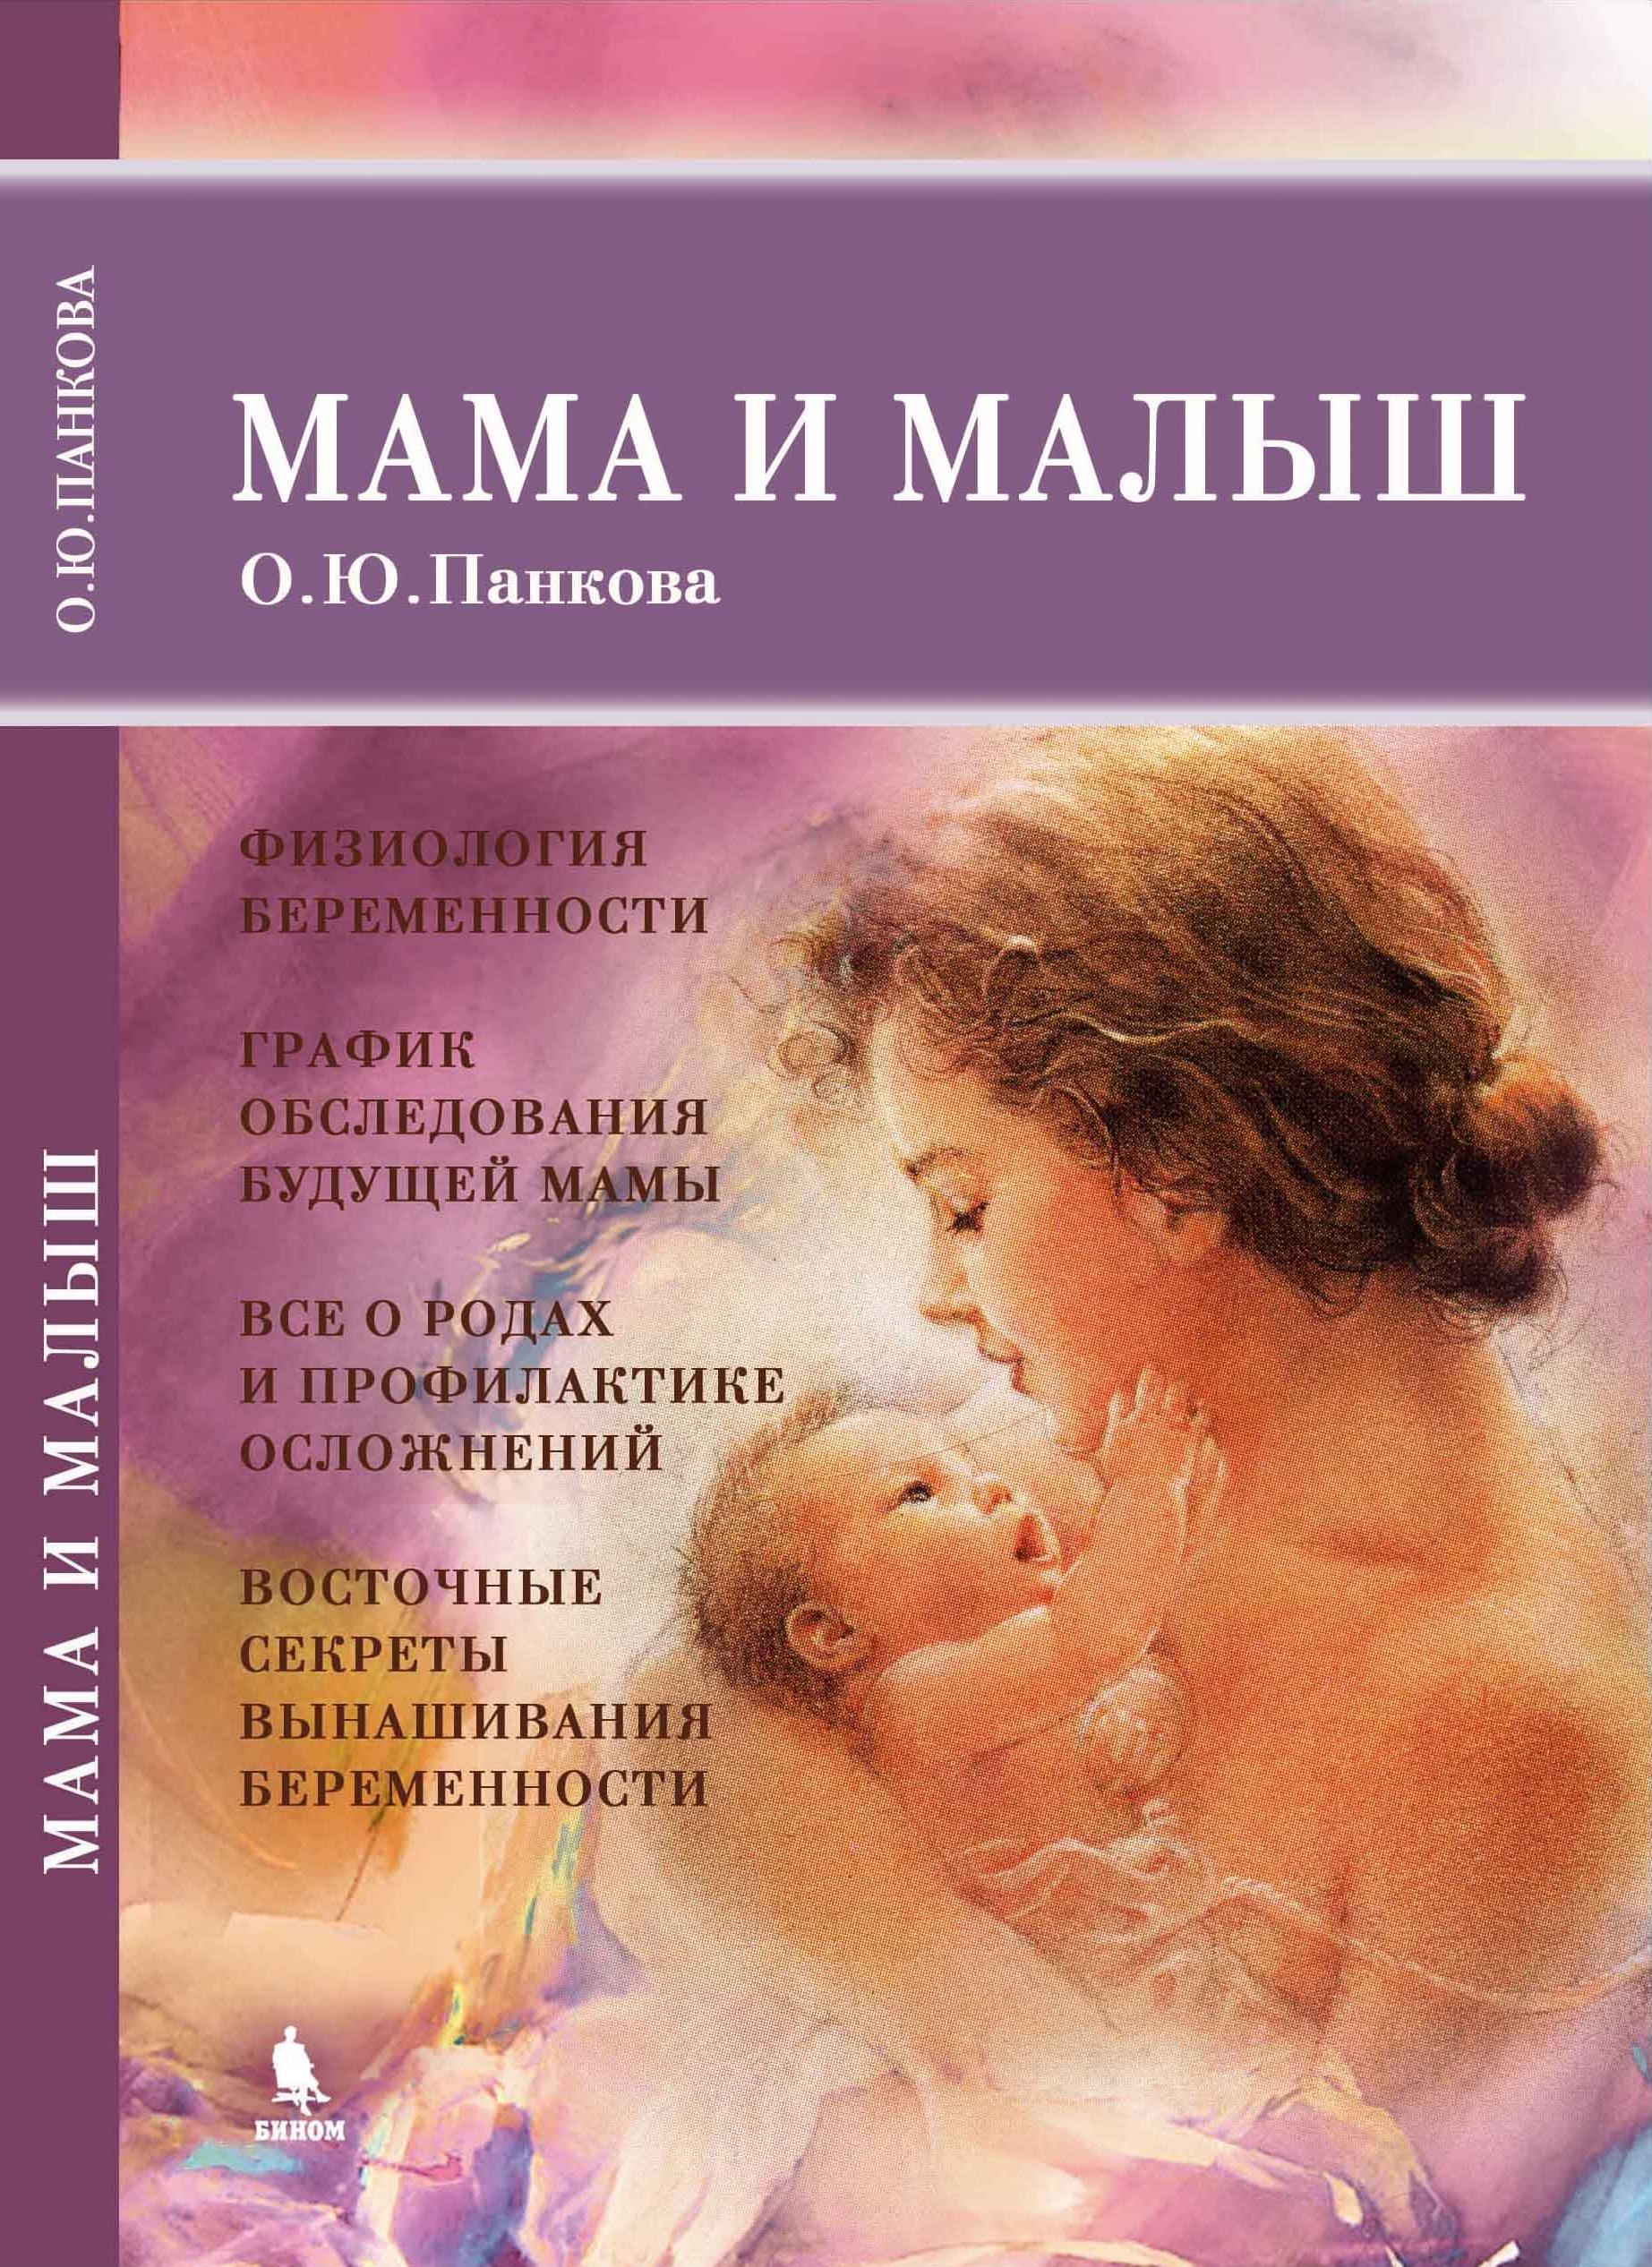 экрана лучшие книги для мам список с фото необходимо четко продумать